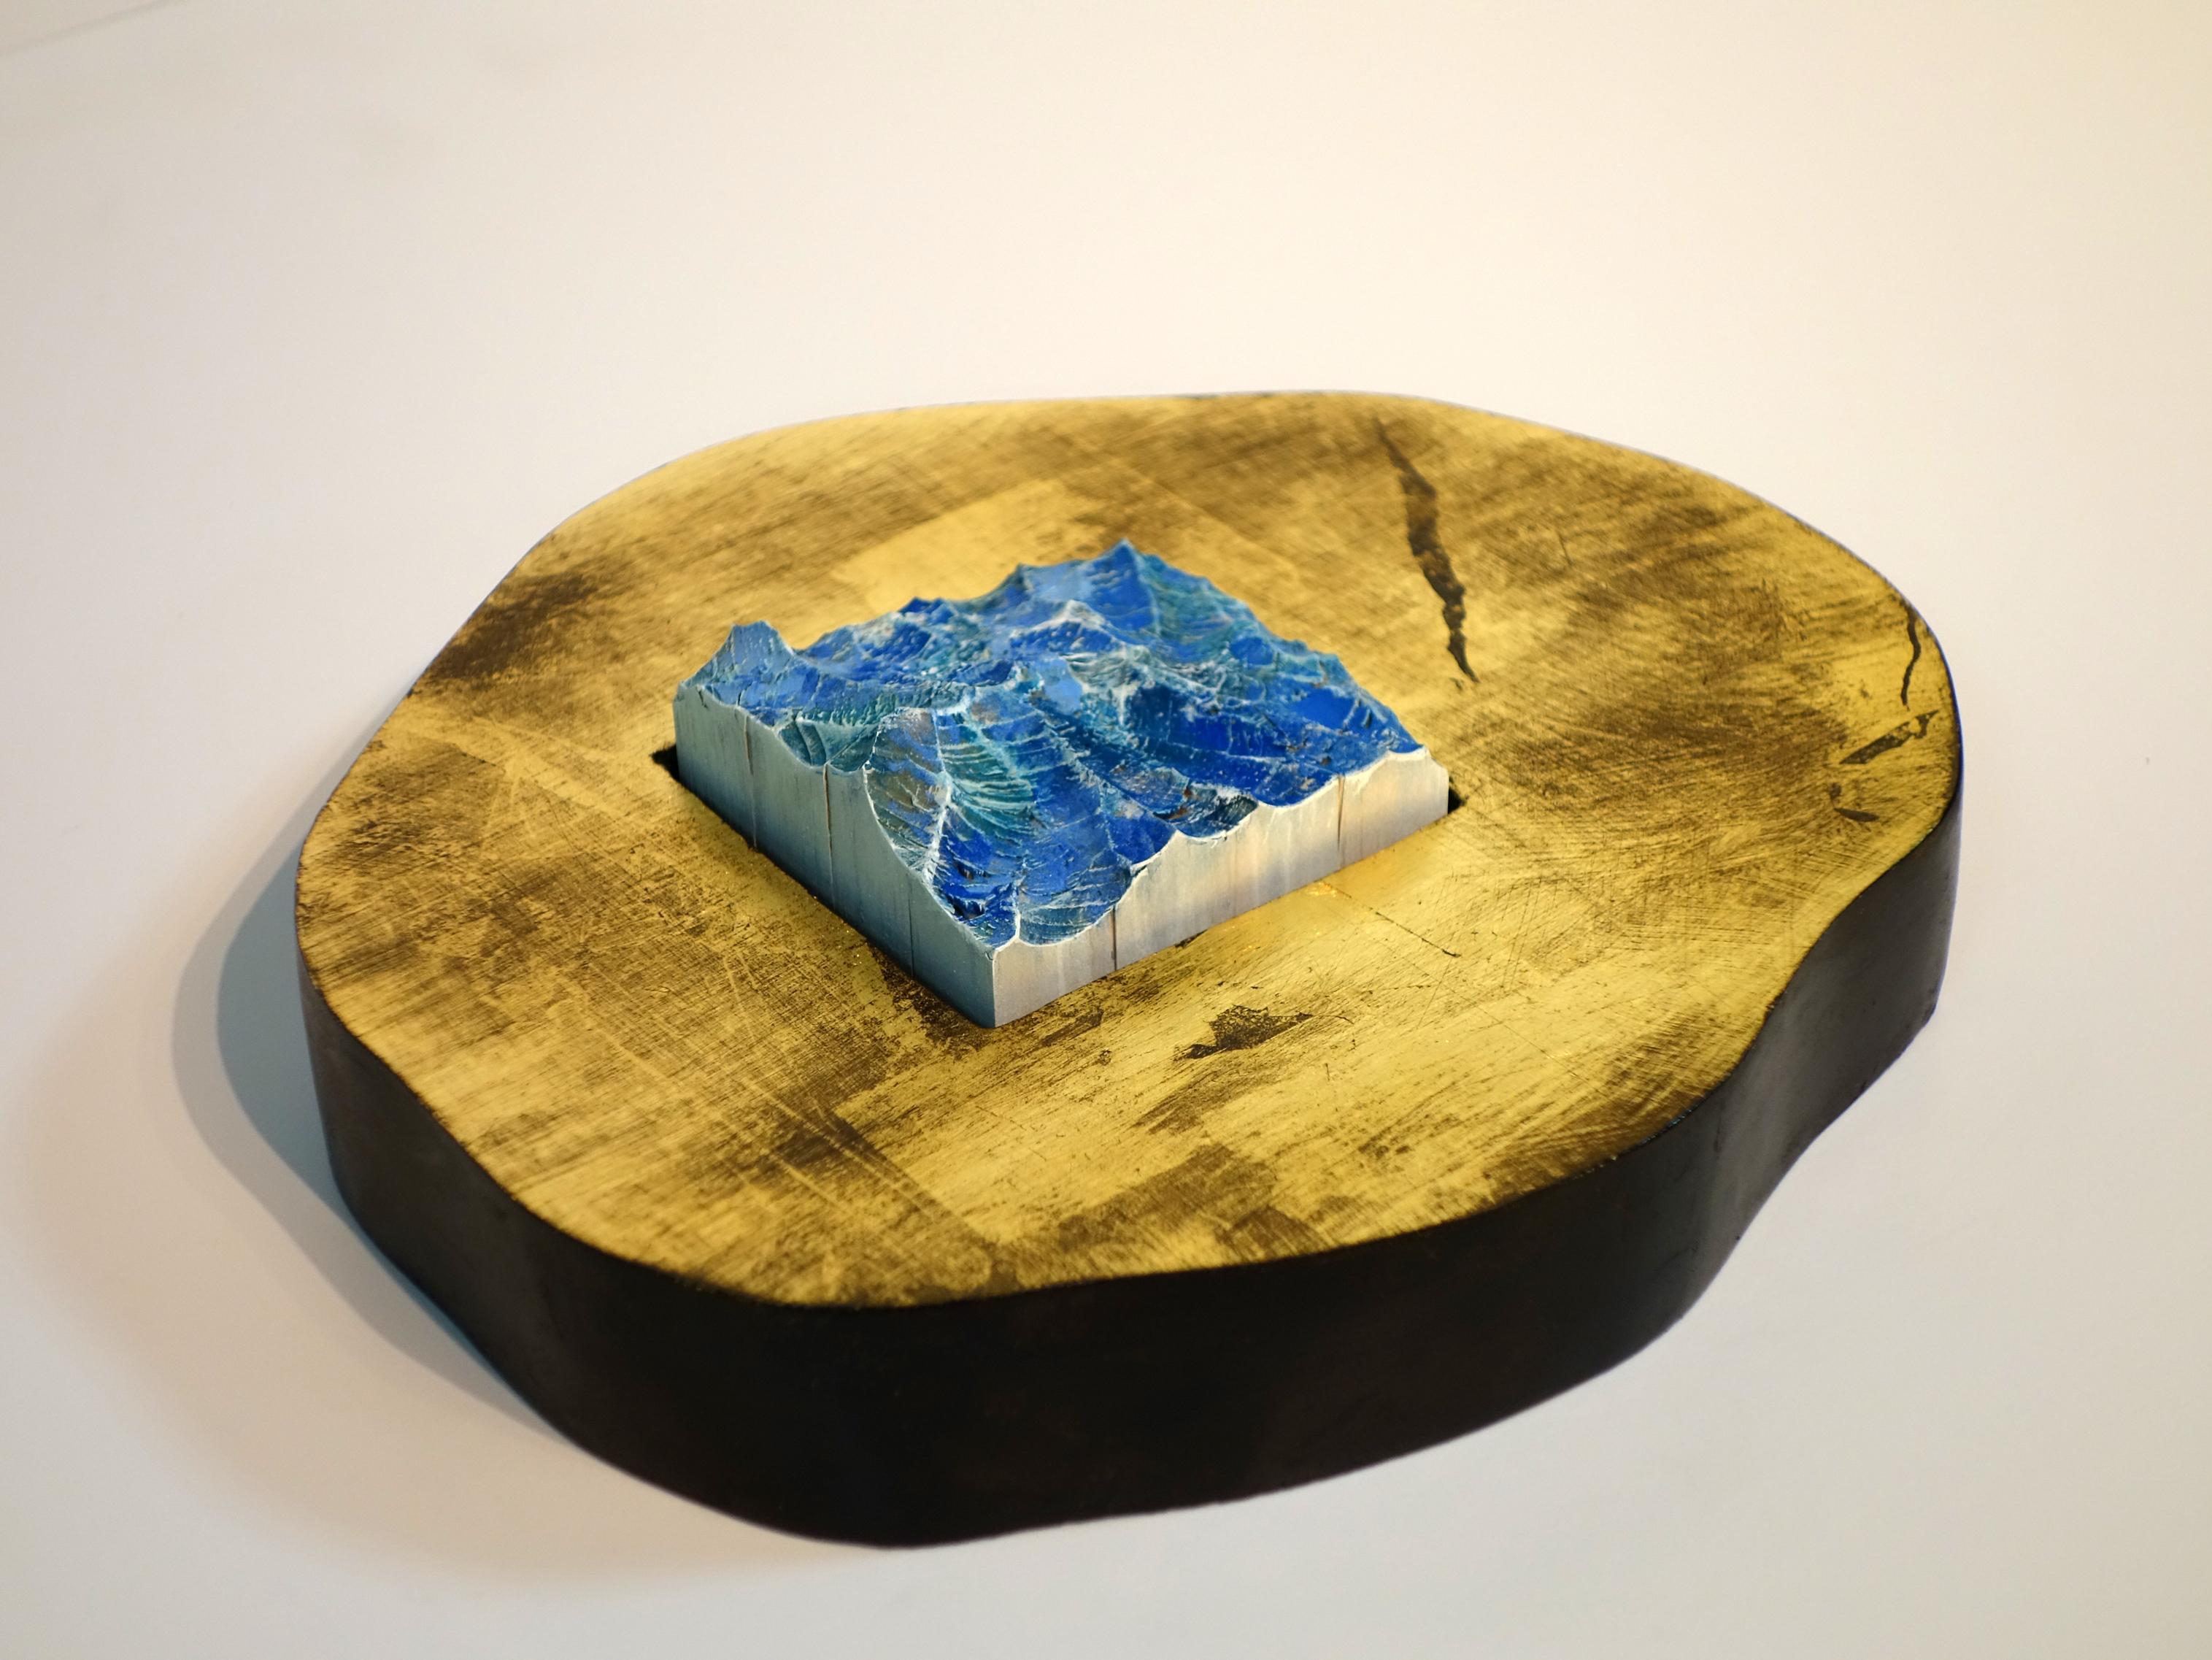 《某個世界的開端—聚寶箱(藍)》